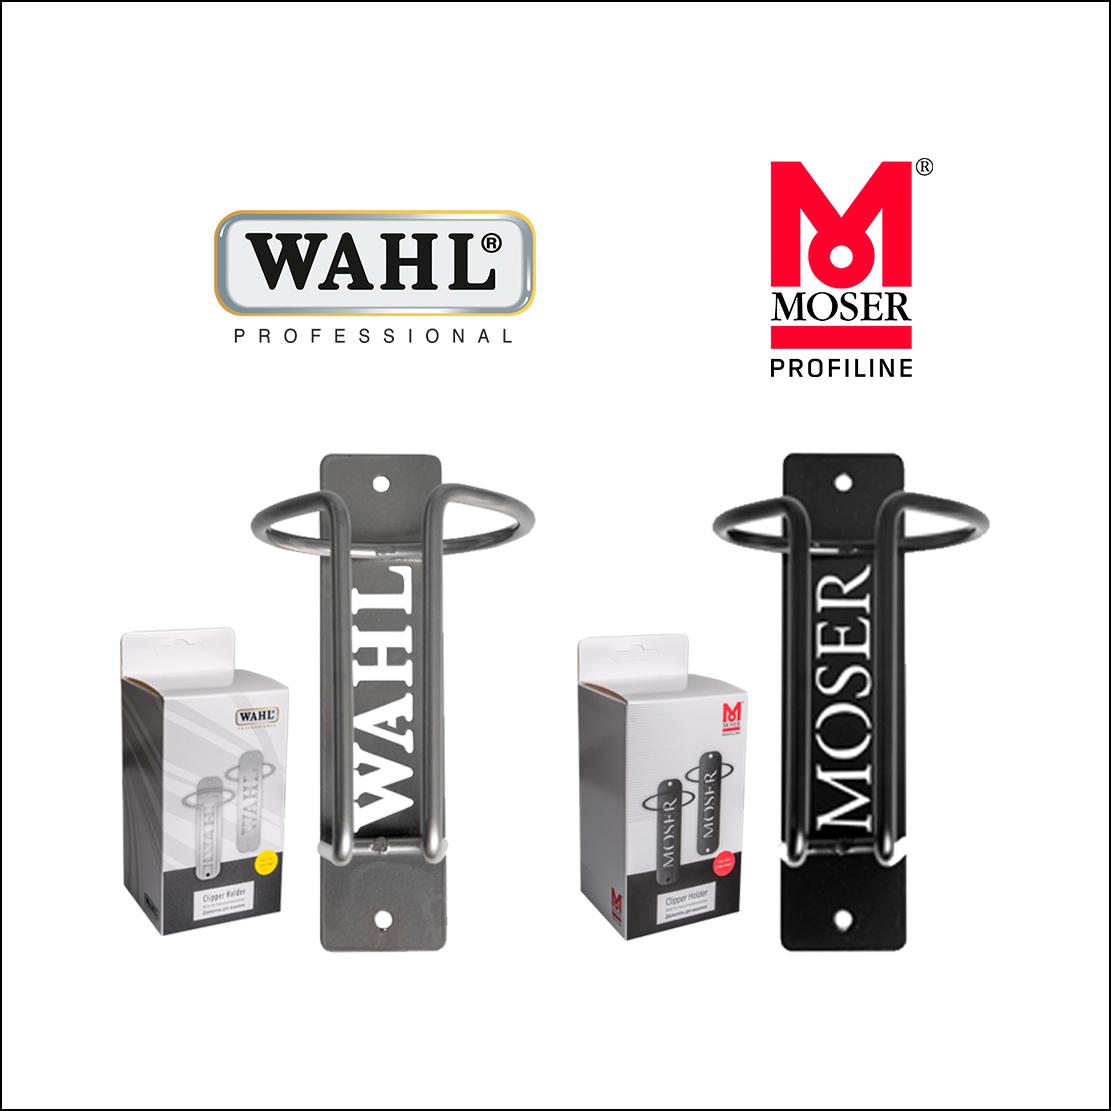 Colgadores para máquinas WAHL y MOSER fec66c451559